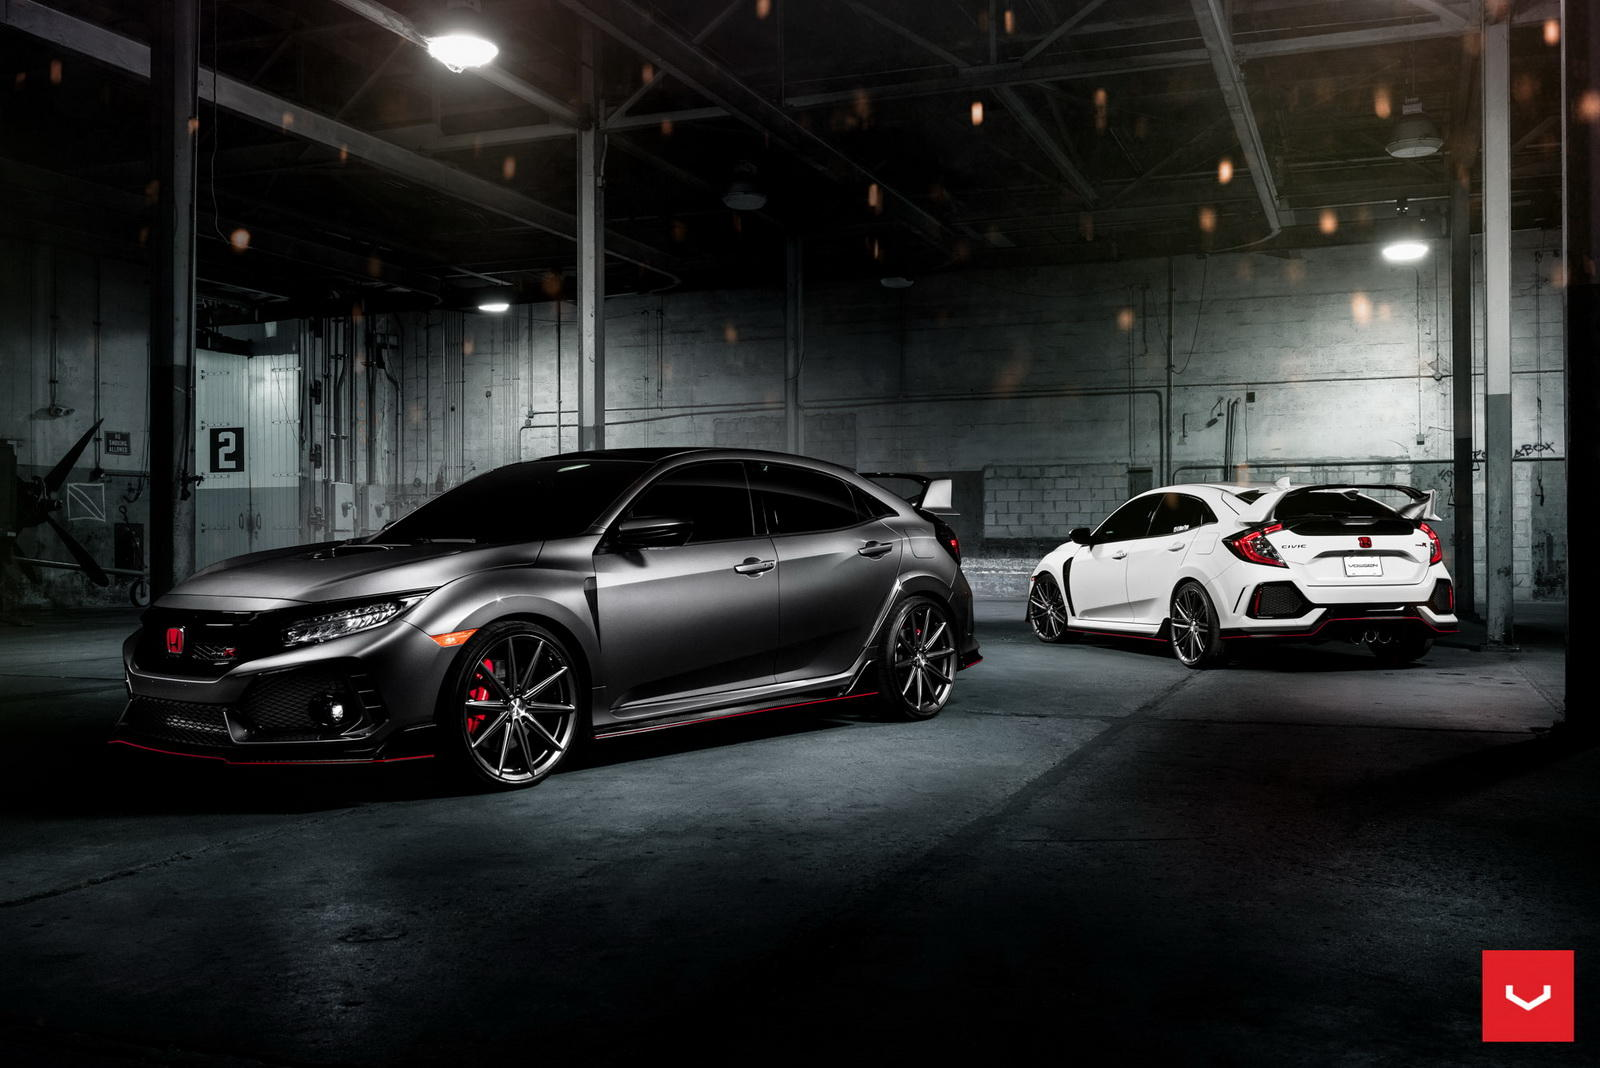 Honda Civic Type R cu jante Vossen - Honda Civic Type R cu jante Vossen